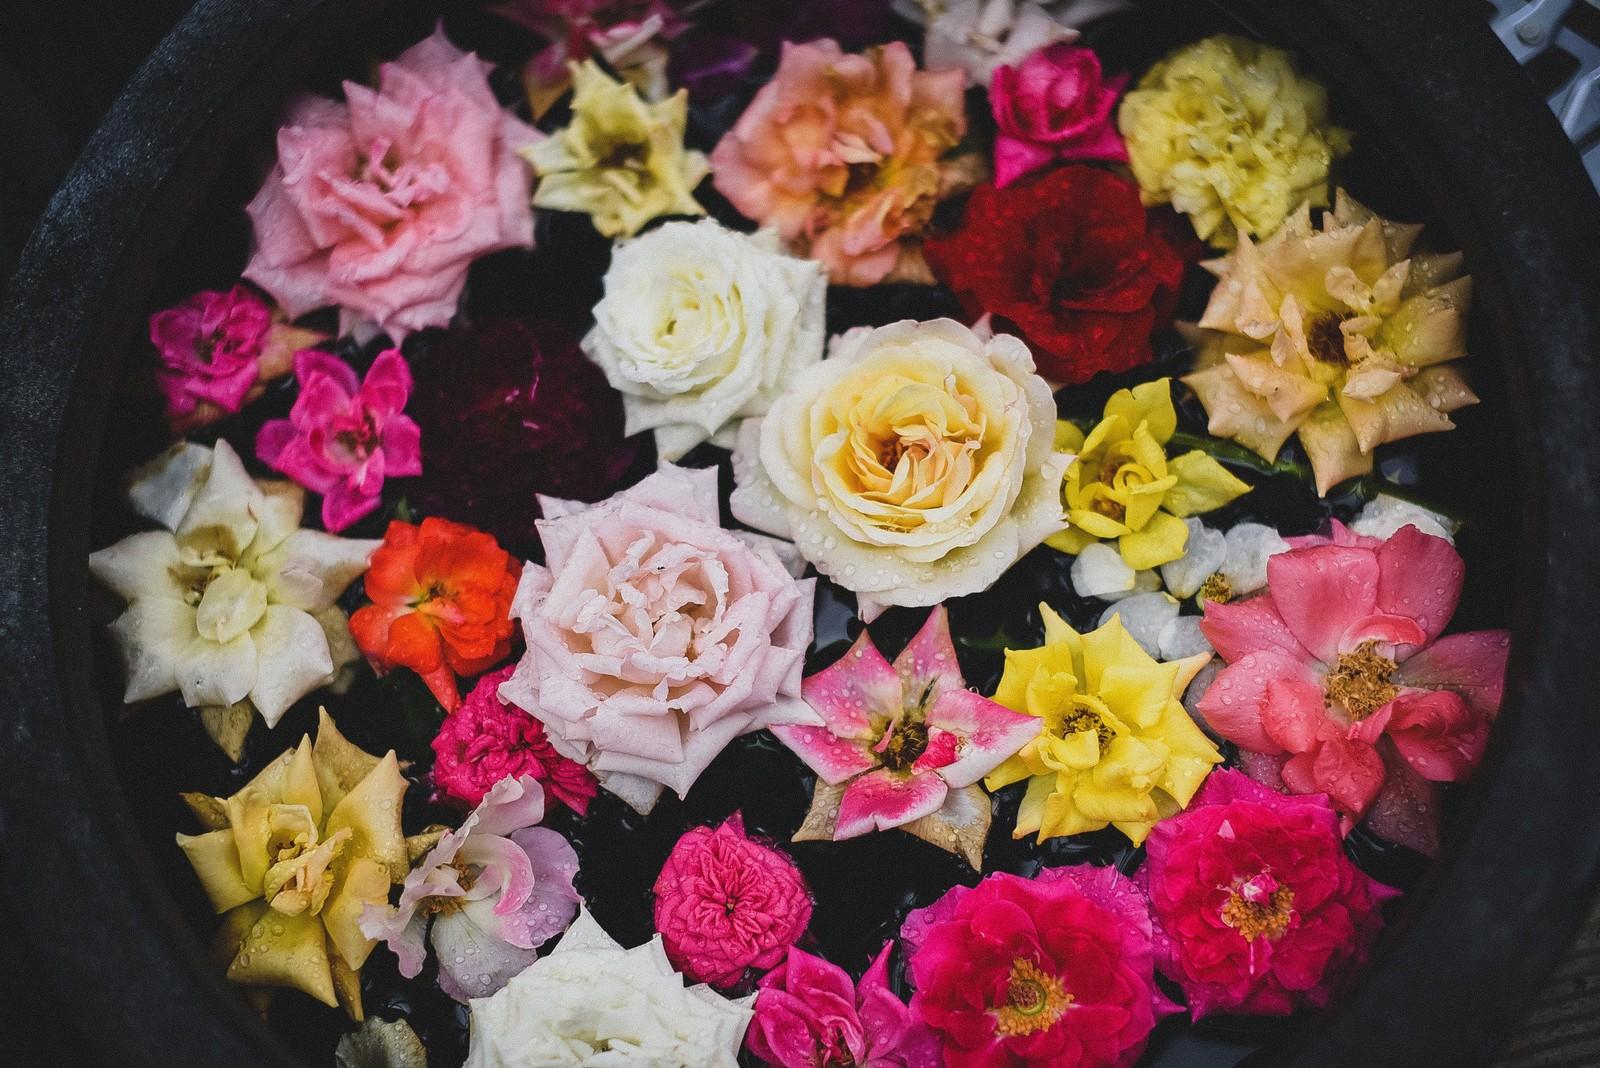 「鉢の中の薔薇の花」の写真